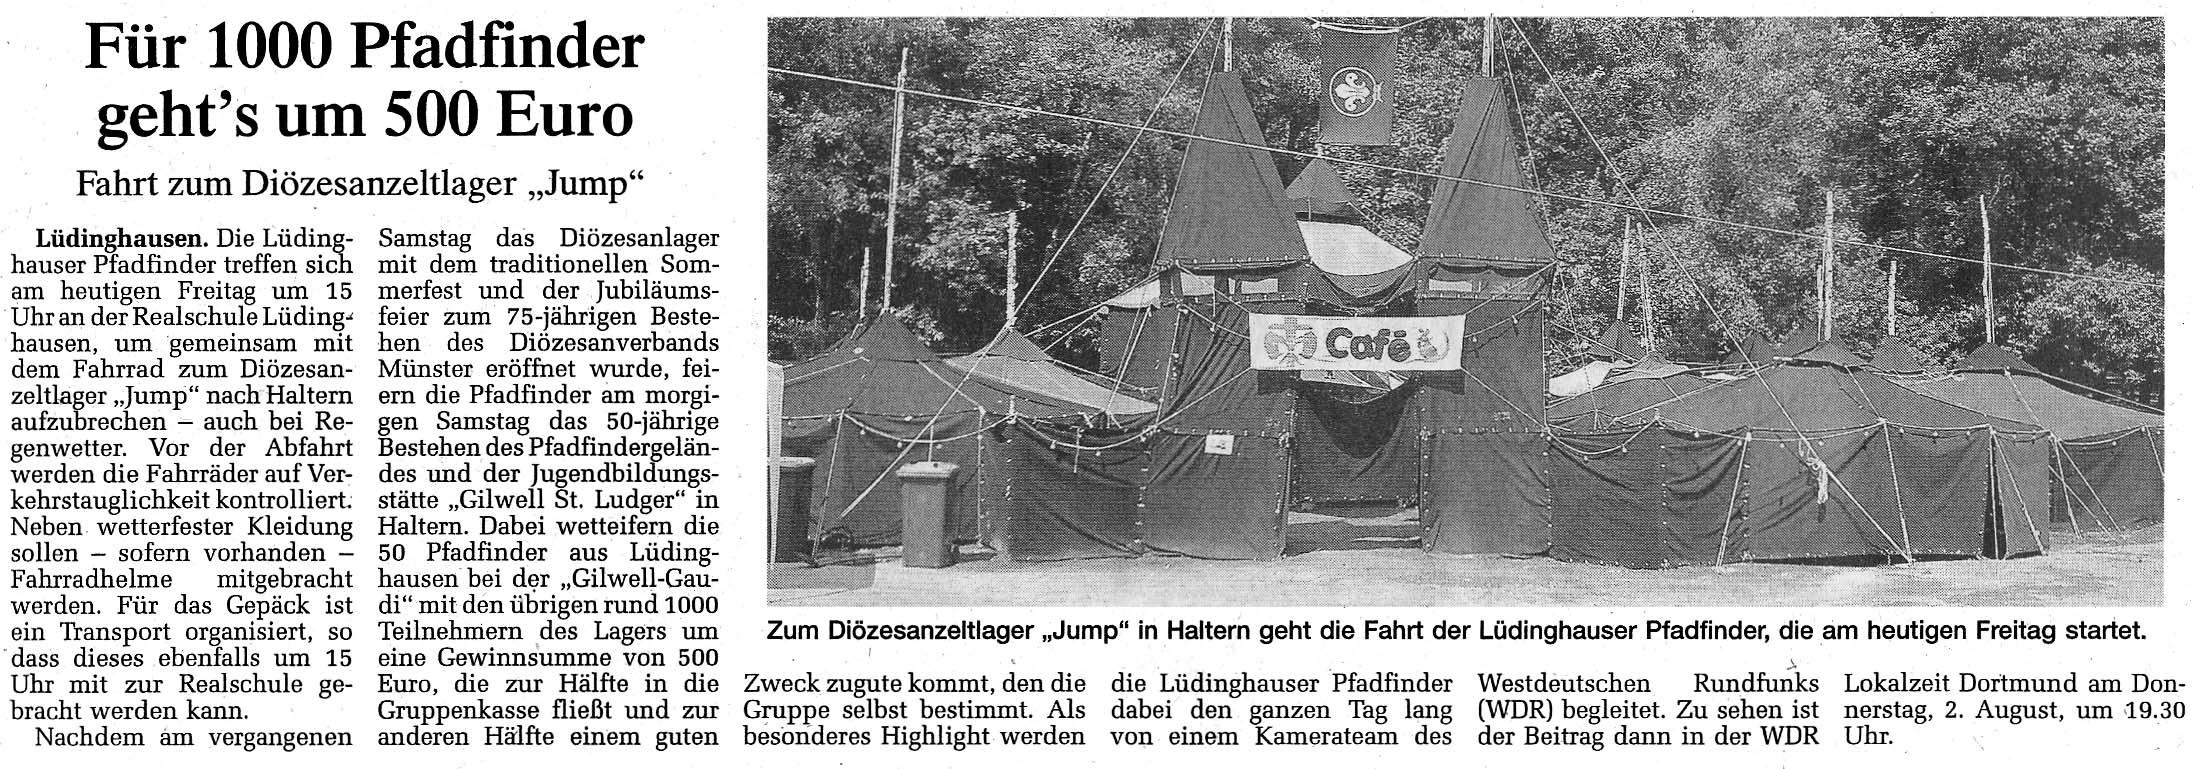 Zeitungsartikel Für Pfadfinder geht's um 500 Euro, WN 27.7.2007